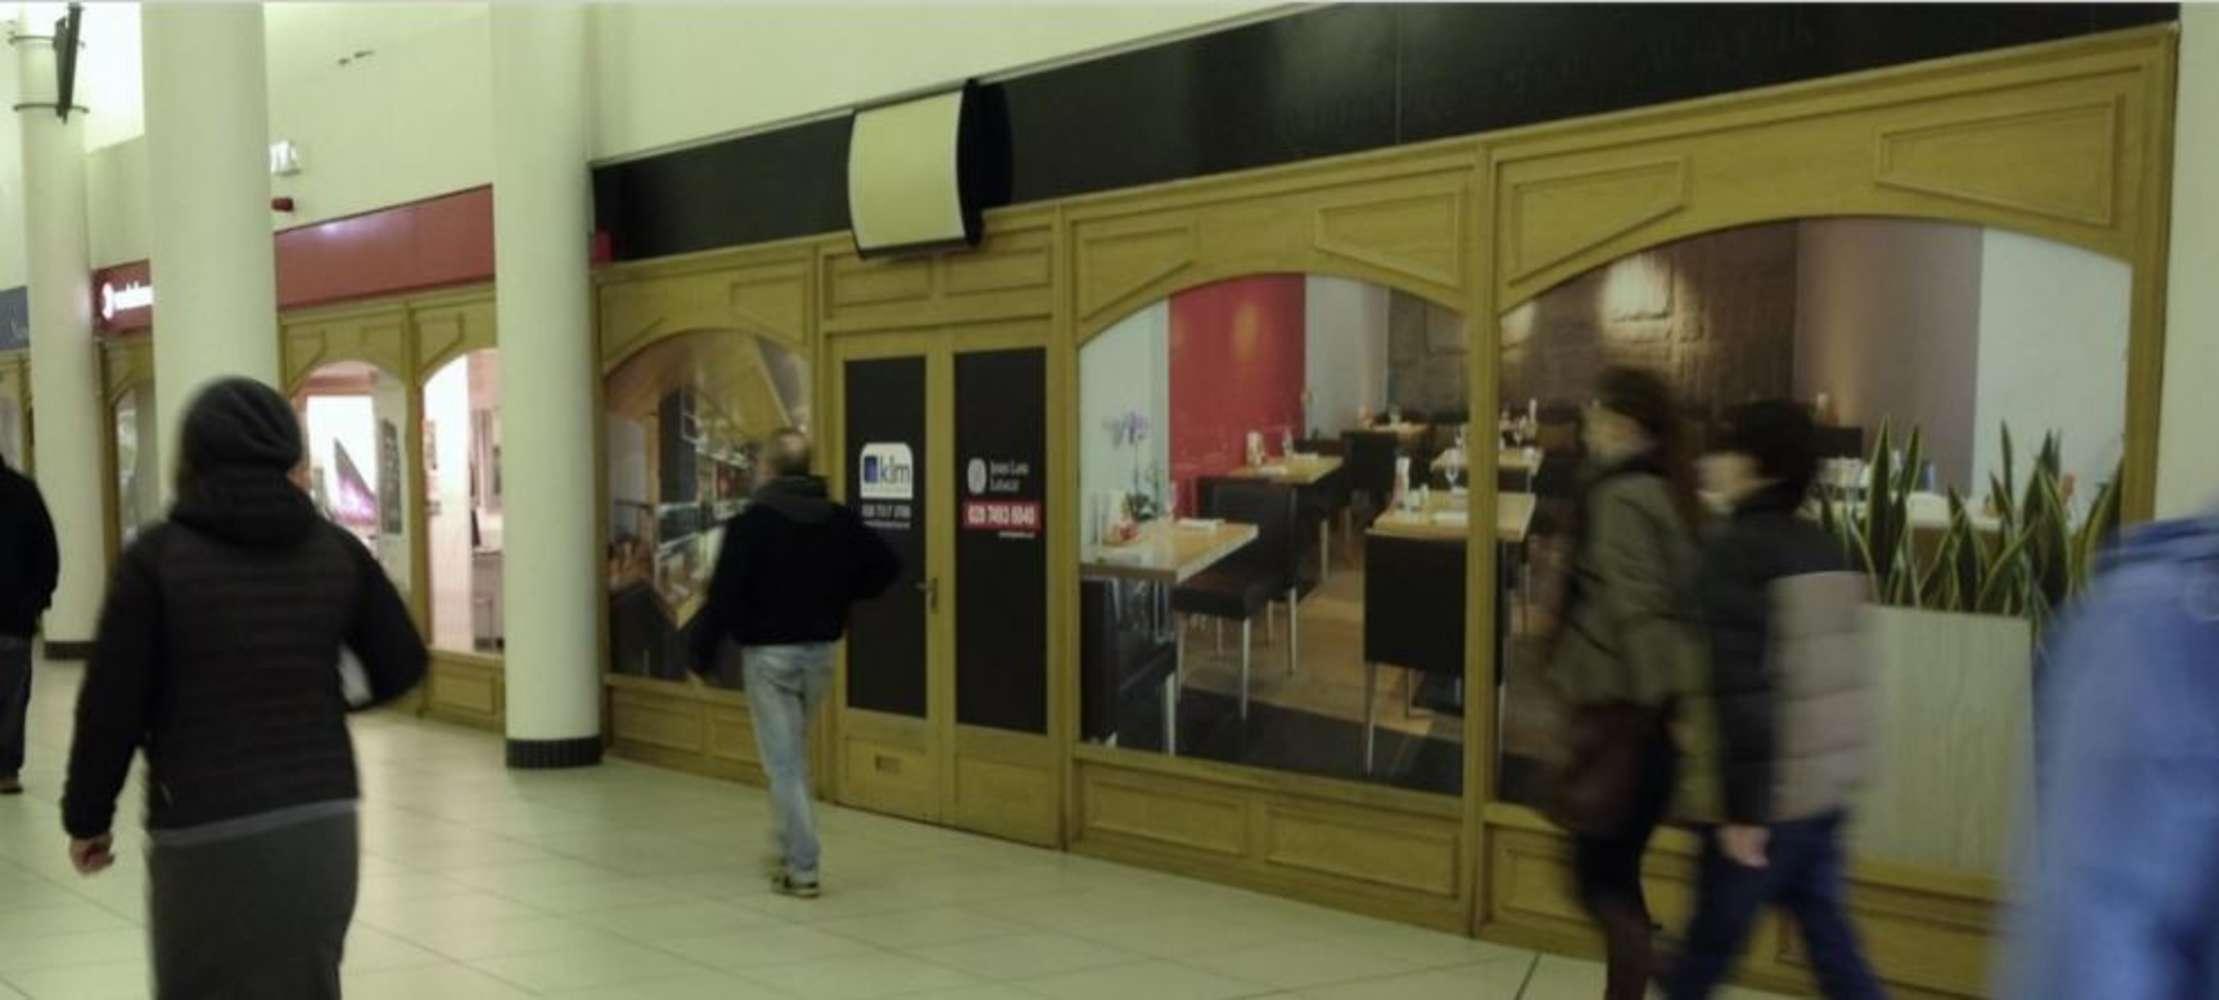 Retail shopping centre Trowbridge, BA14 8AT - Unit 12 The Shires - 12